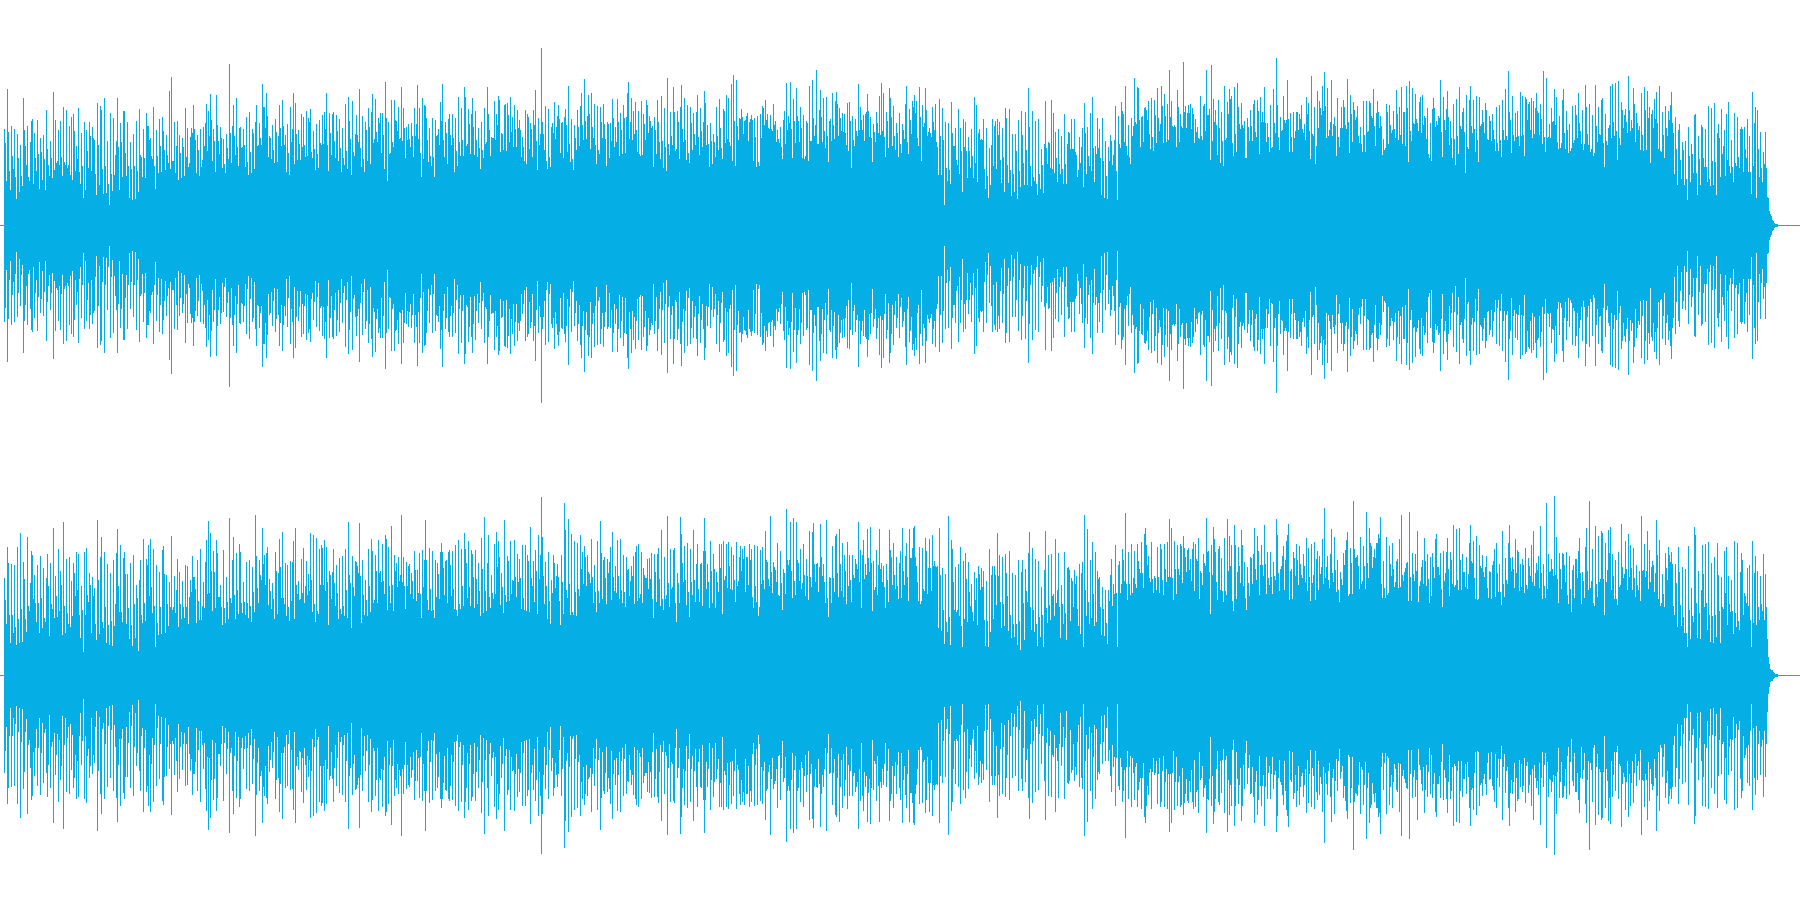 躍動的なシンセサイザーポップの再生済みの波形